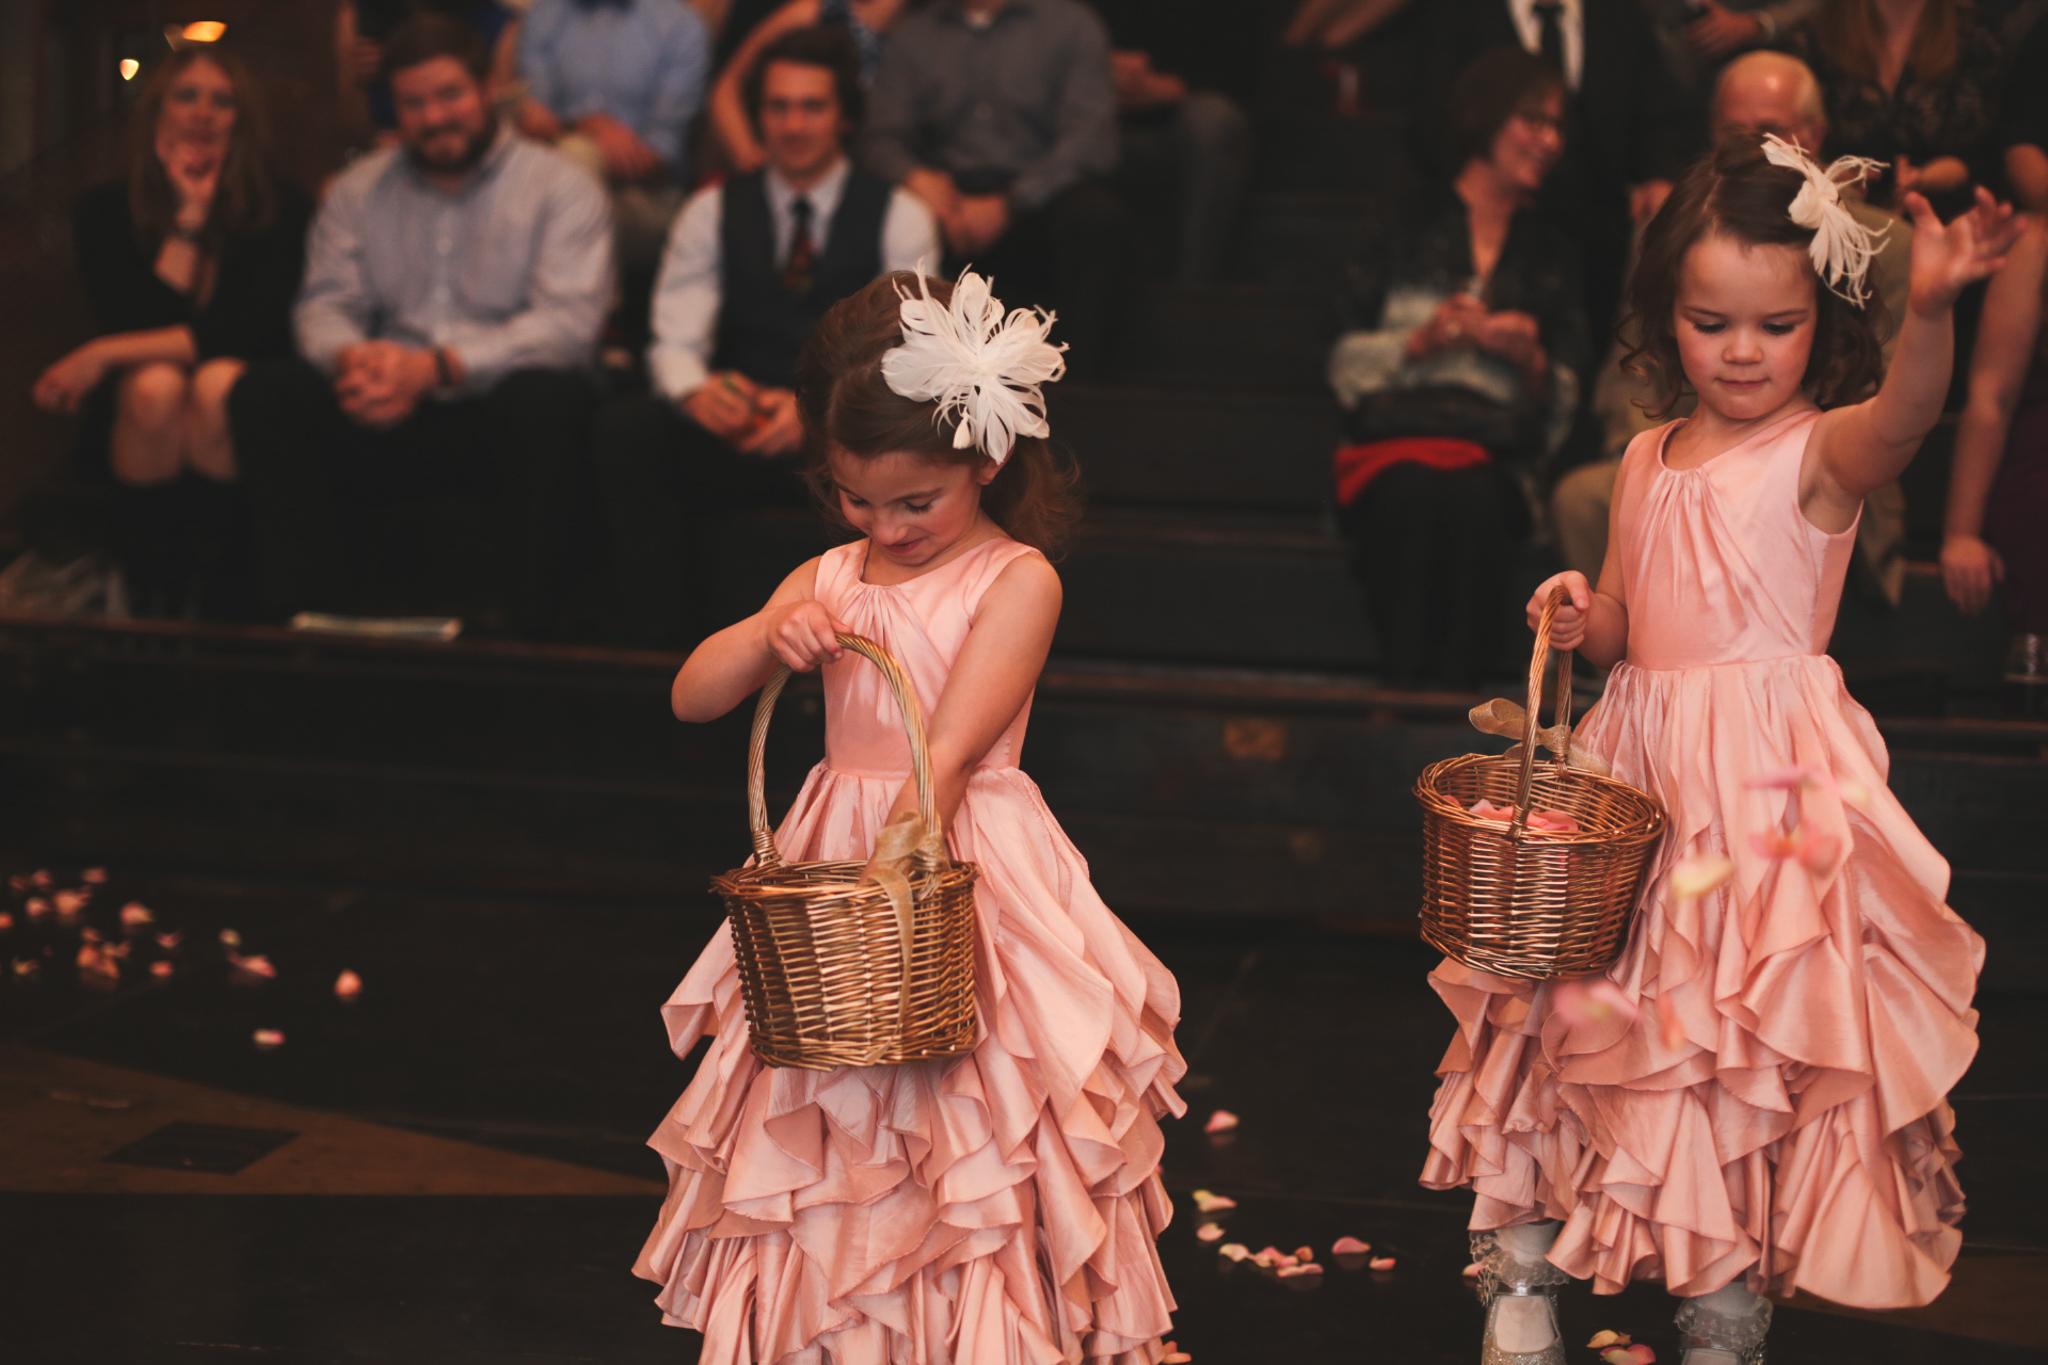 flower girls down aisle hj